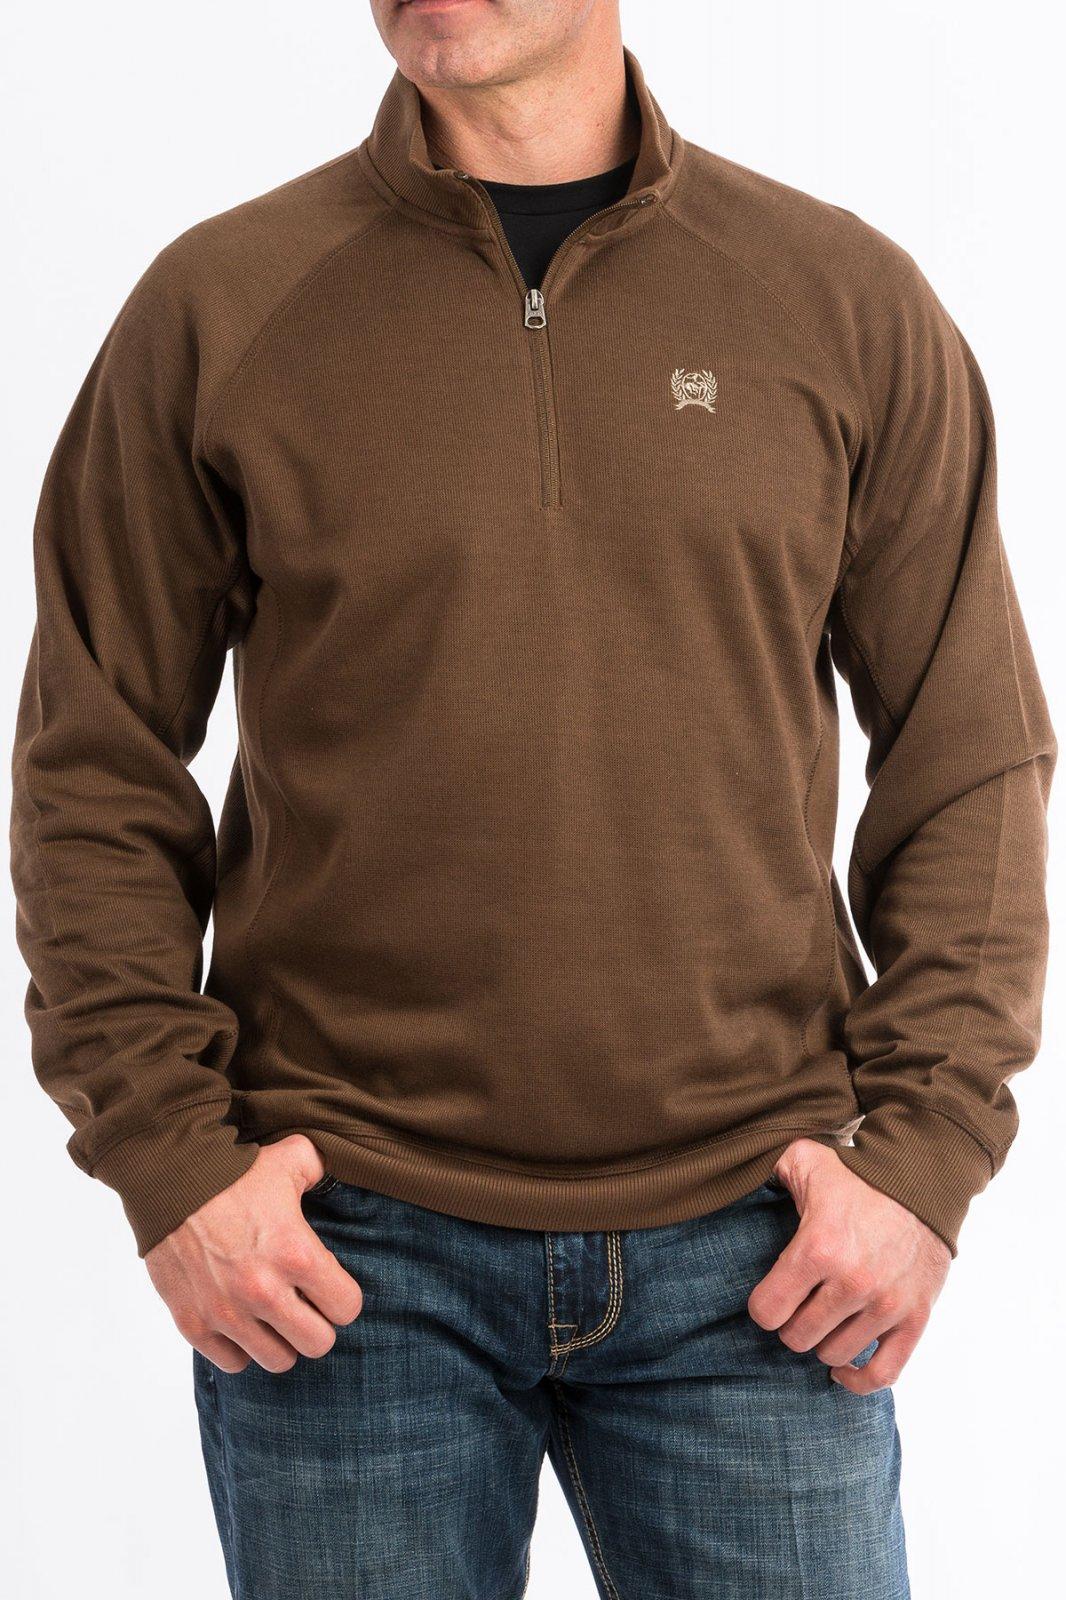 Men's 1/4 Zip Pullover from Cinch